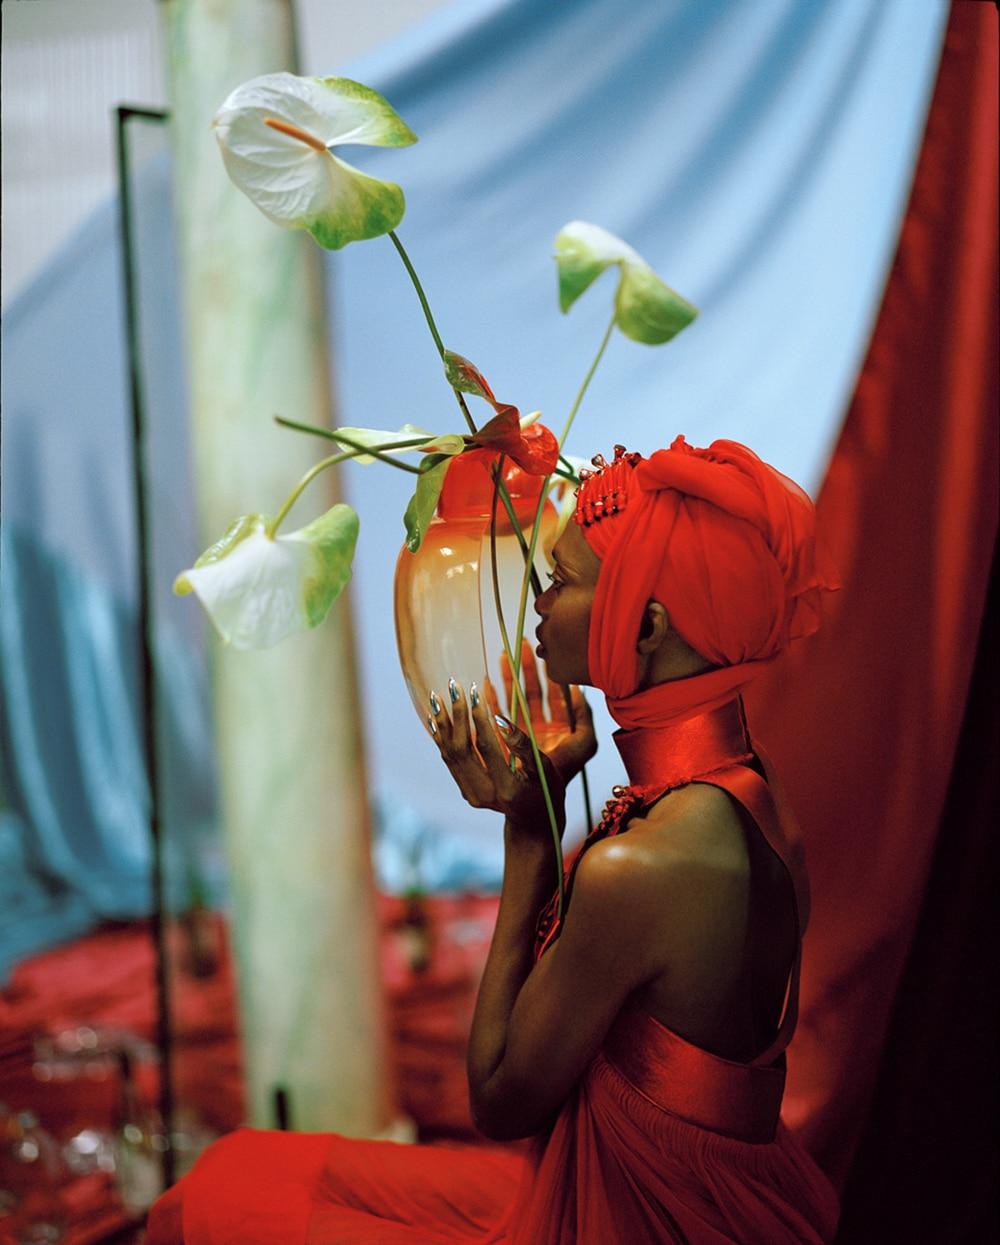 Vogue-Portugal-Debra-Shaw-Dan-Beleiu-15.jpg